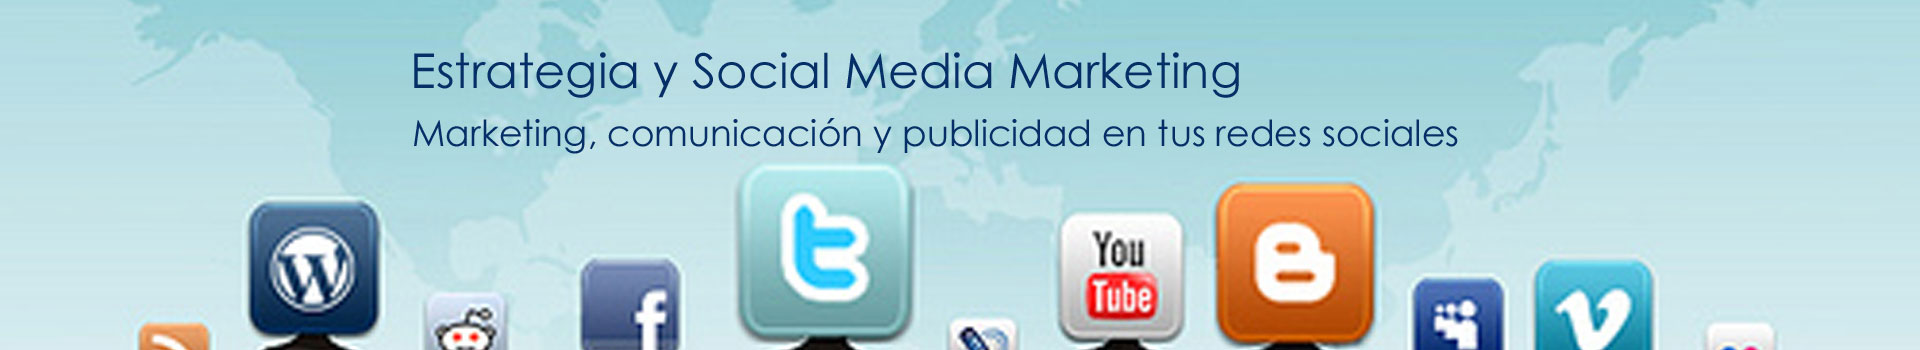 social media societic